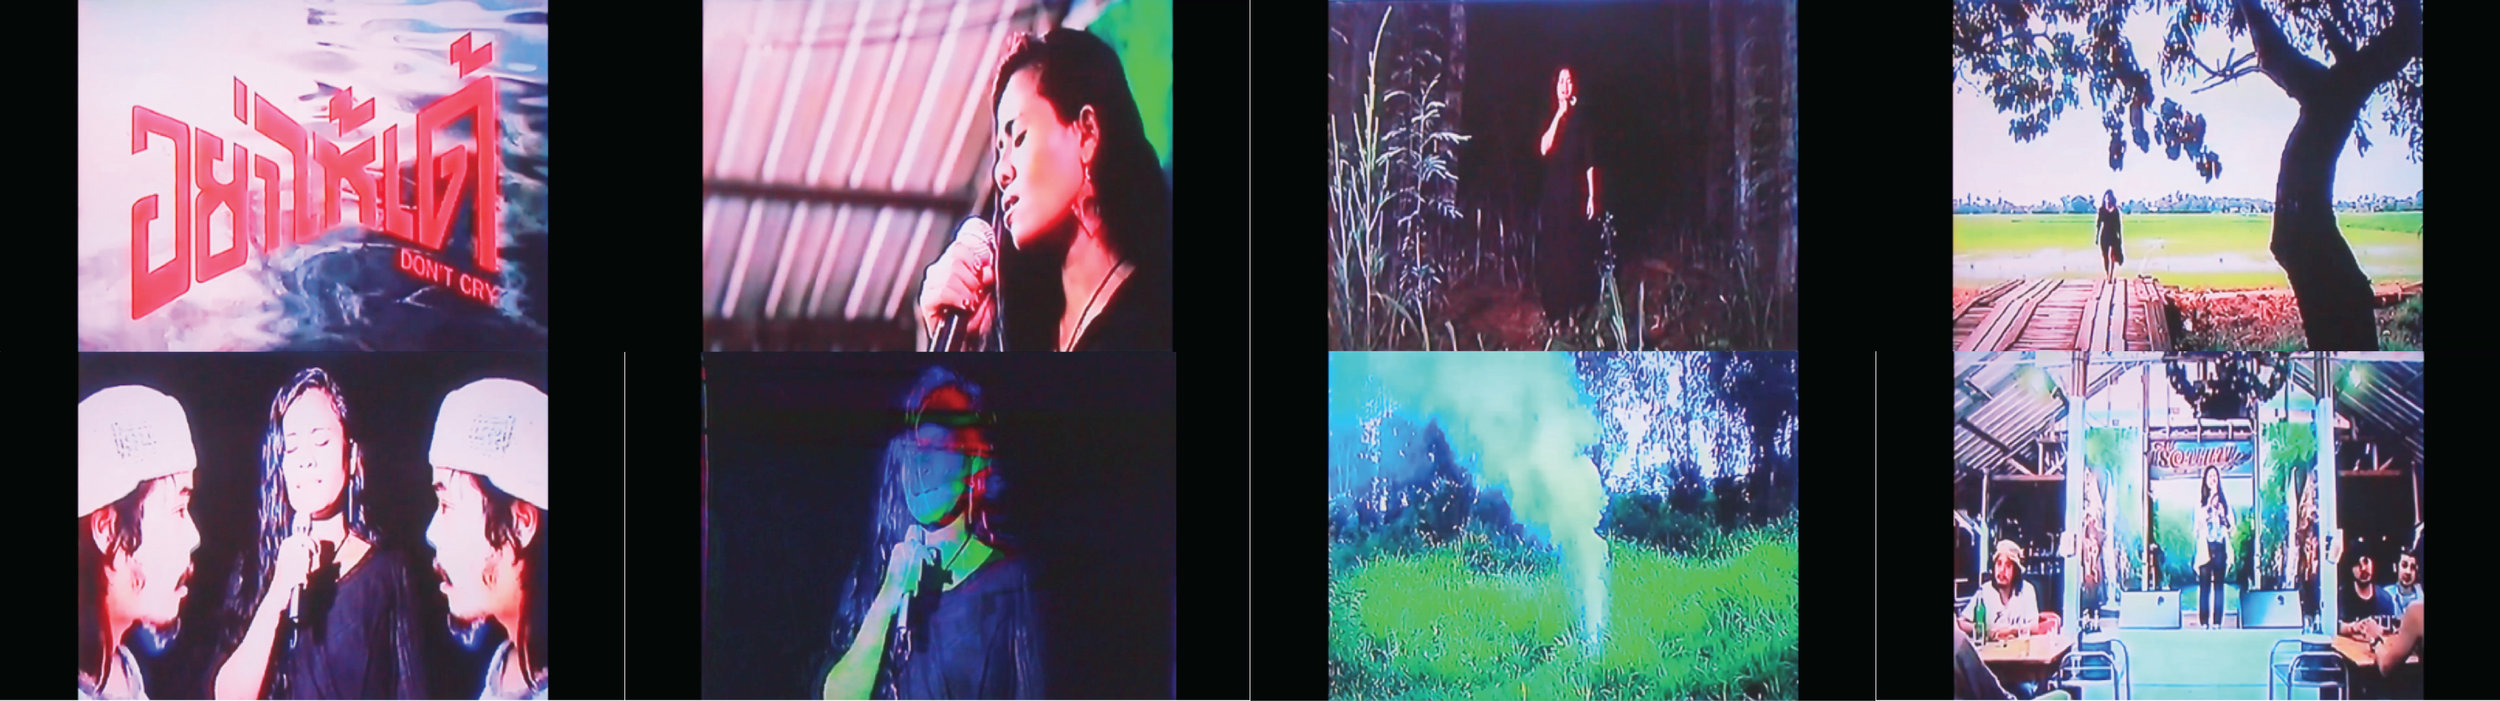 Yah Hai Deh MV.jpg